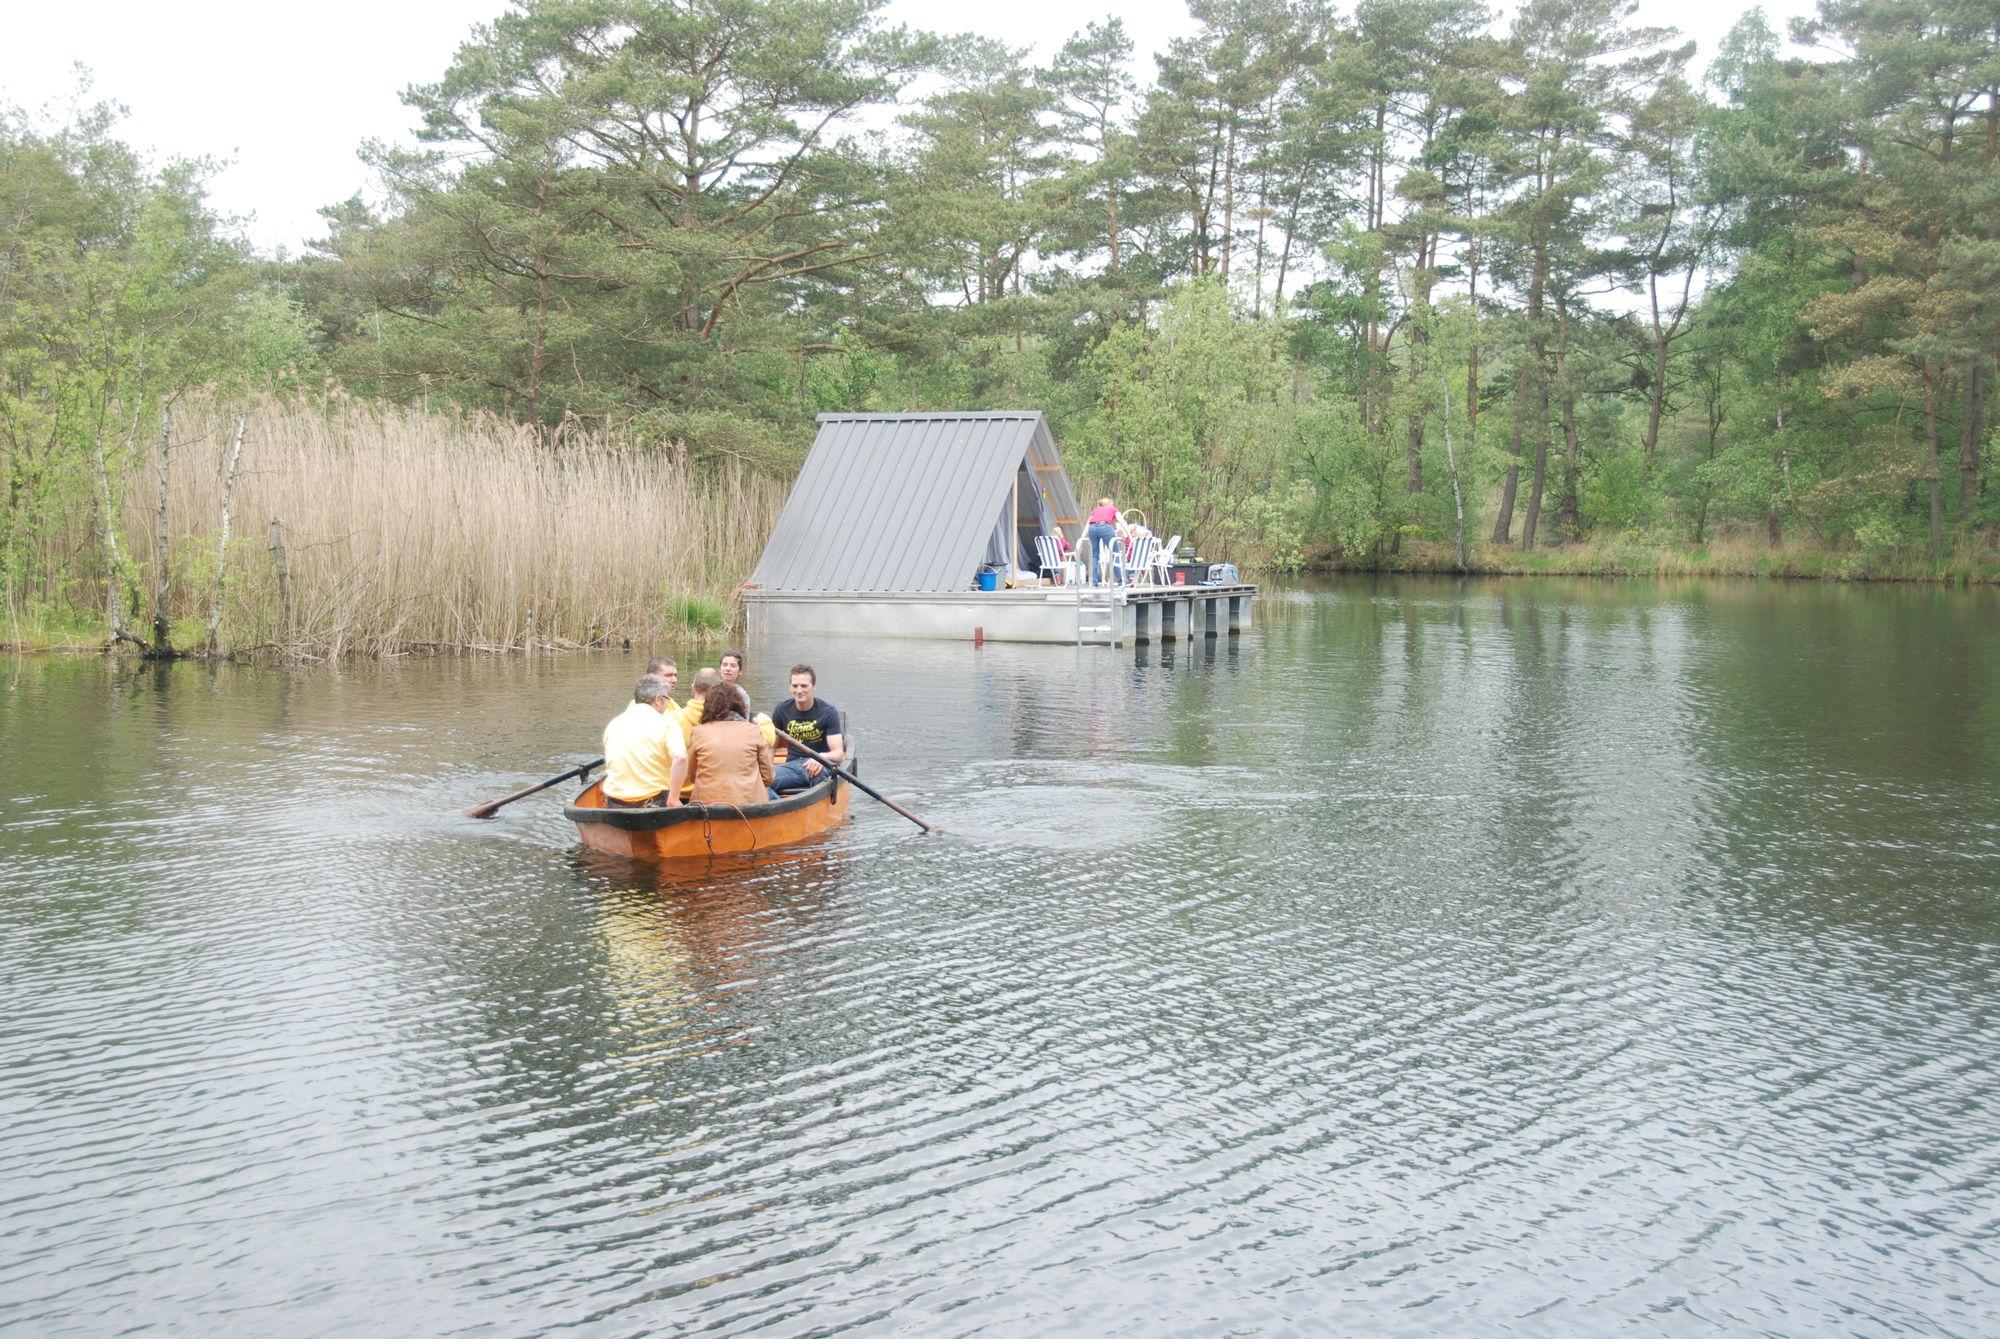 Zilvermeer, een recreatiedomein in de Antwerpse Kempen